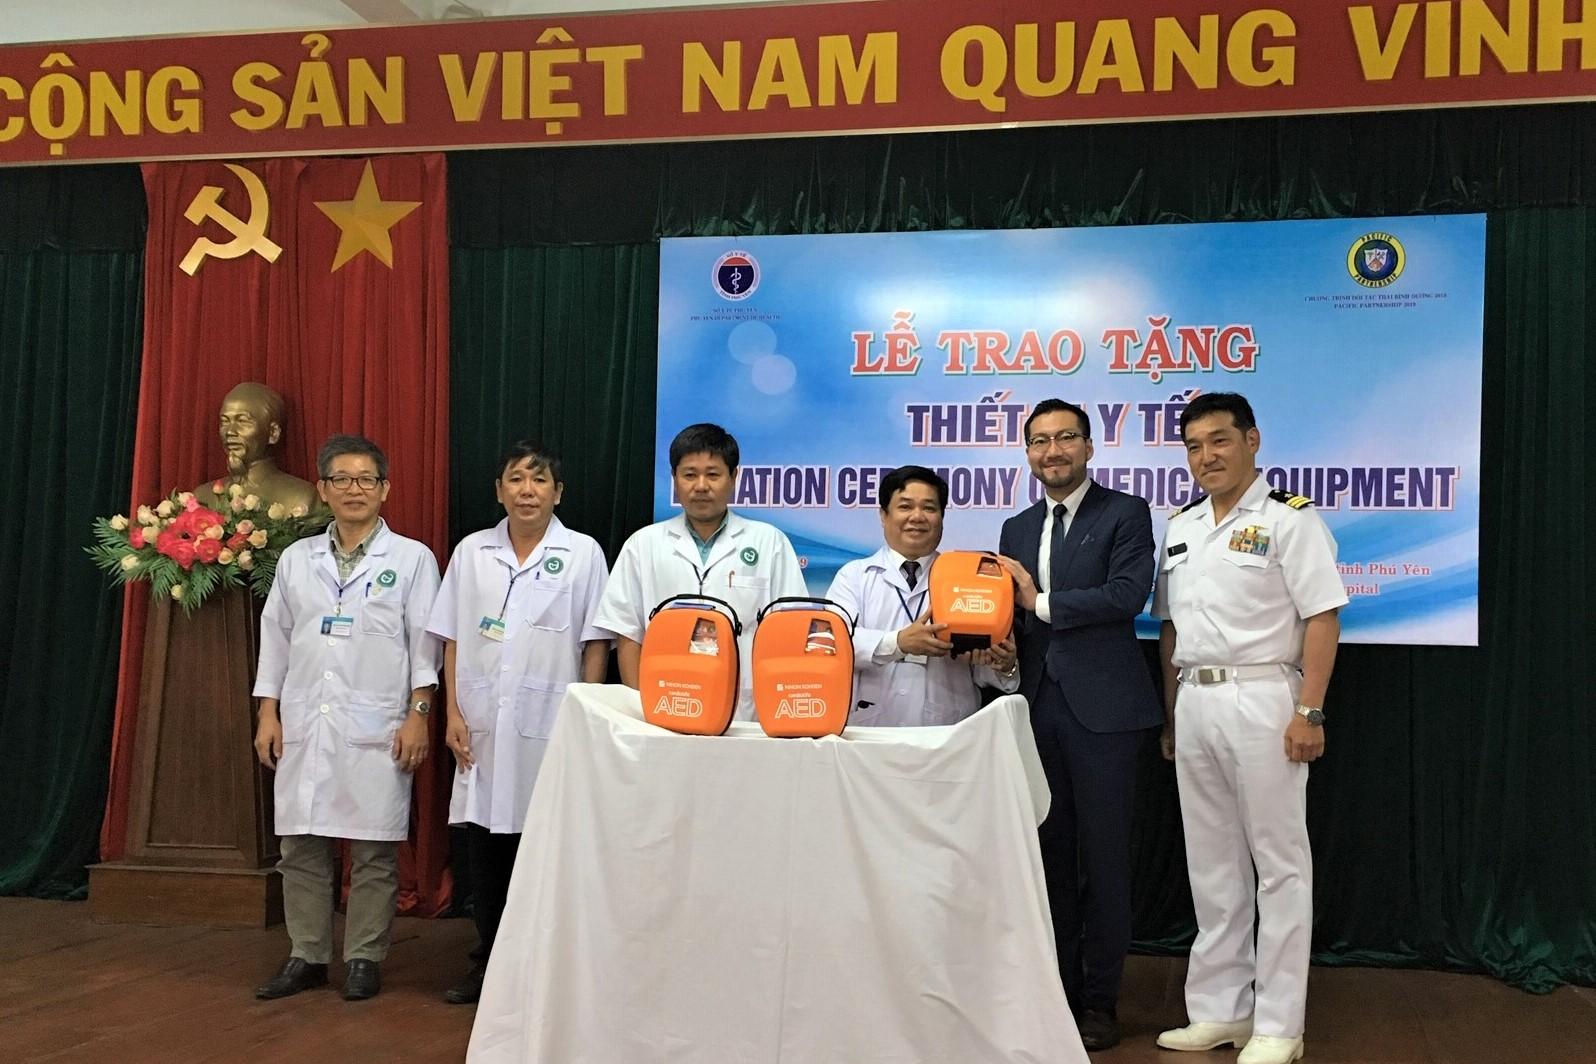 [Event Report] Pacific Partnership 2019 (May 6-17, 2019, Phu Yen, Vietnam)